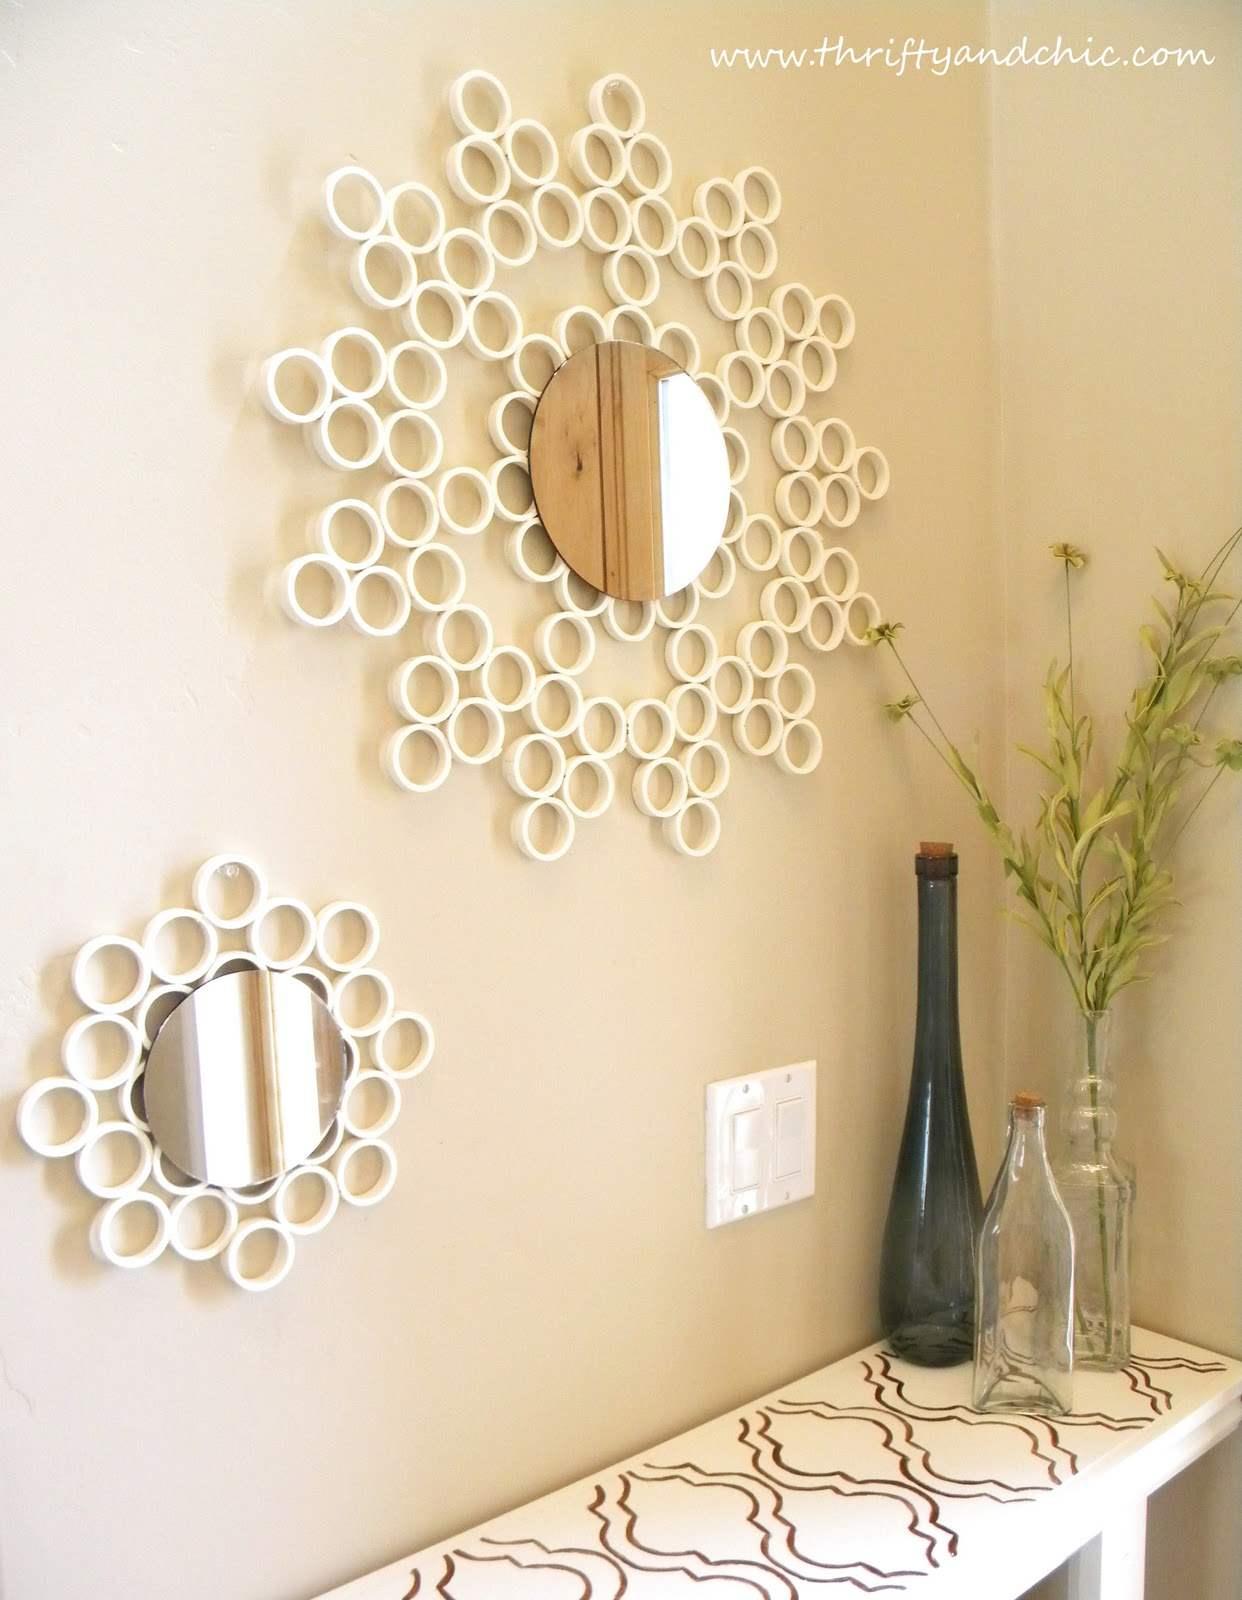 creative handmade mirrors - 700×874